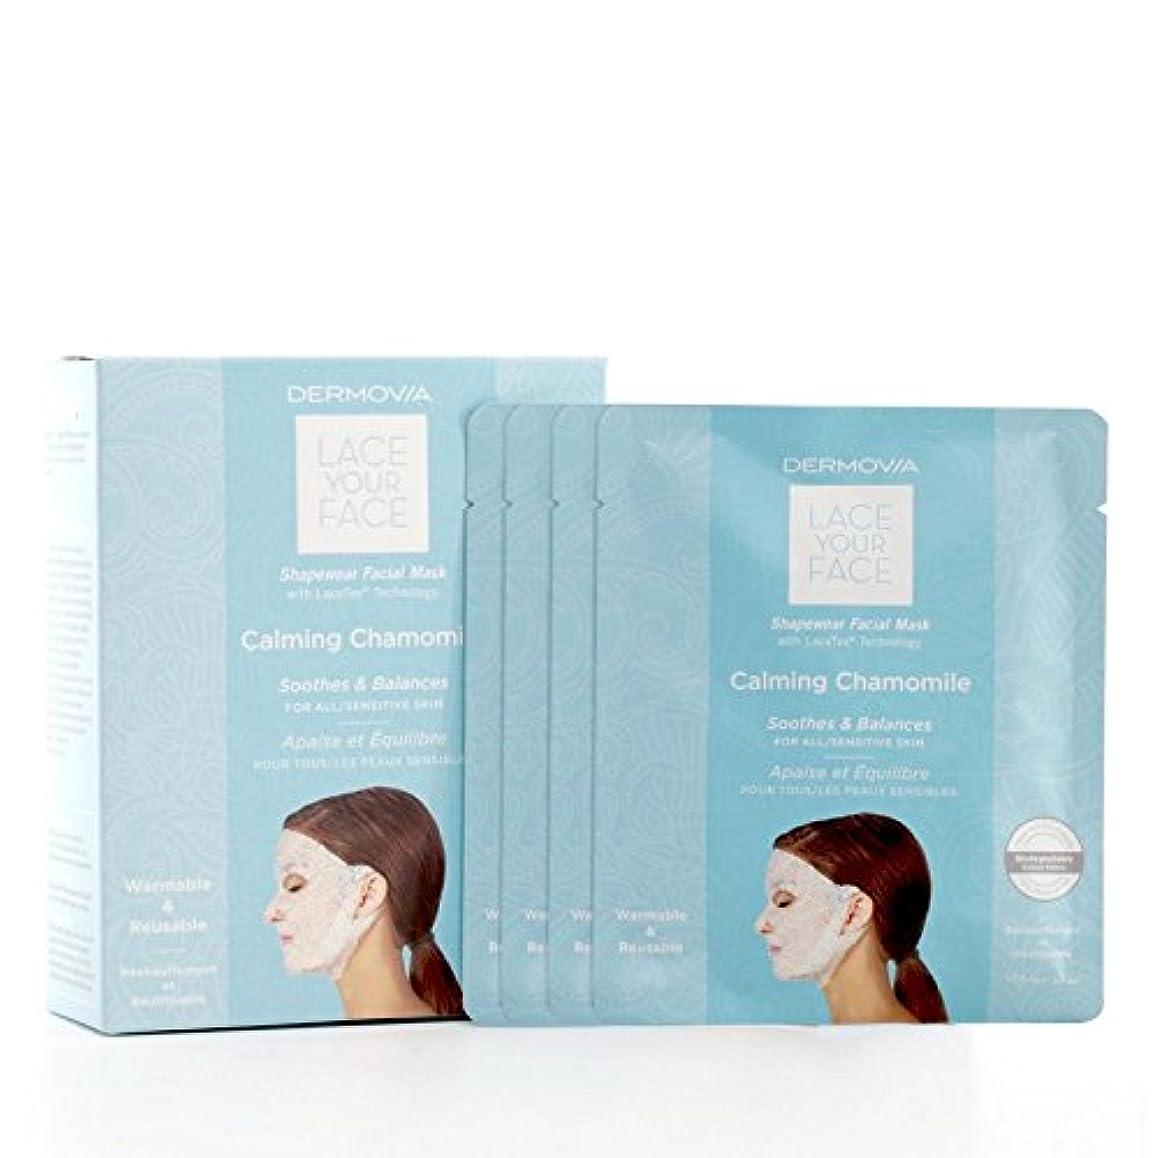 ヘリコプター速記織るは、あなたの顔の圧縮フェイシャルマスク心を落ち着かせるカモミールをひもで締めます x4 - Dermovia Lace Your Face Compression Facial Mask Calming Chamomile...